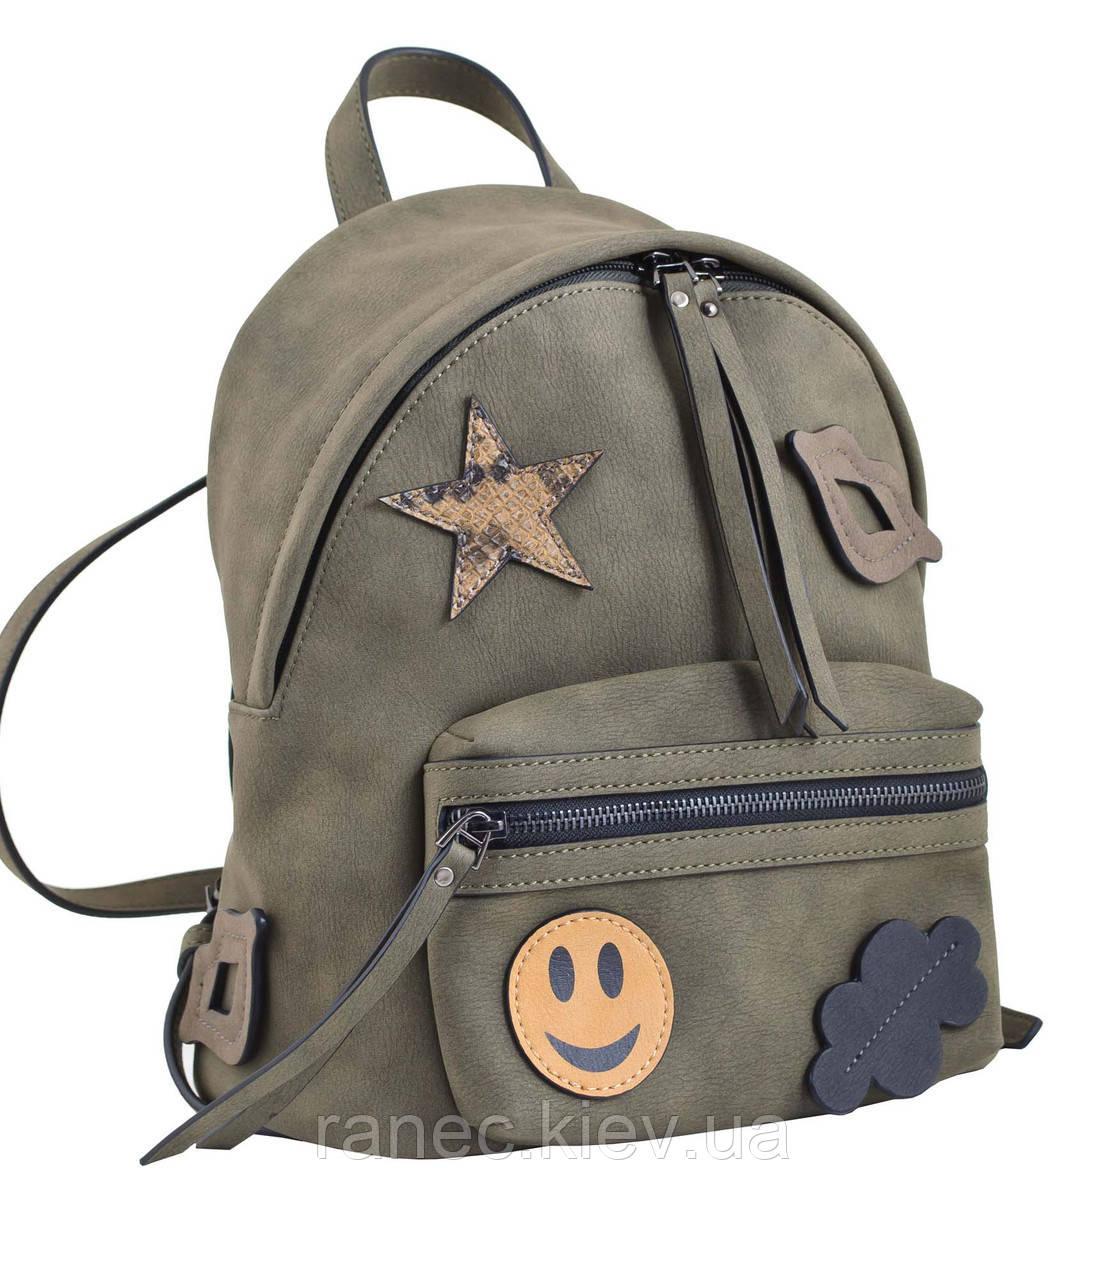 21f2f0d47e3 Сумка-рюкзак Yes Weekend хаки 553985: продажа, цена в Киеве. сумки и ...